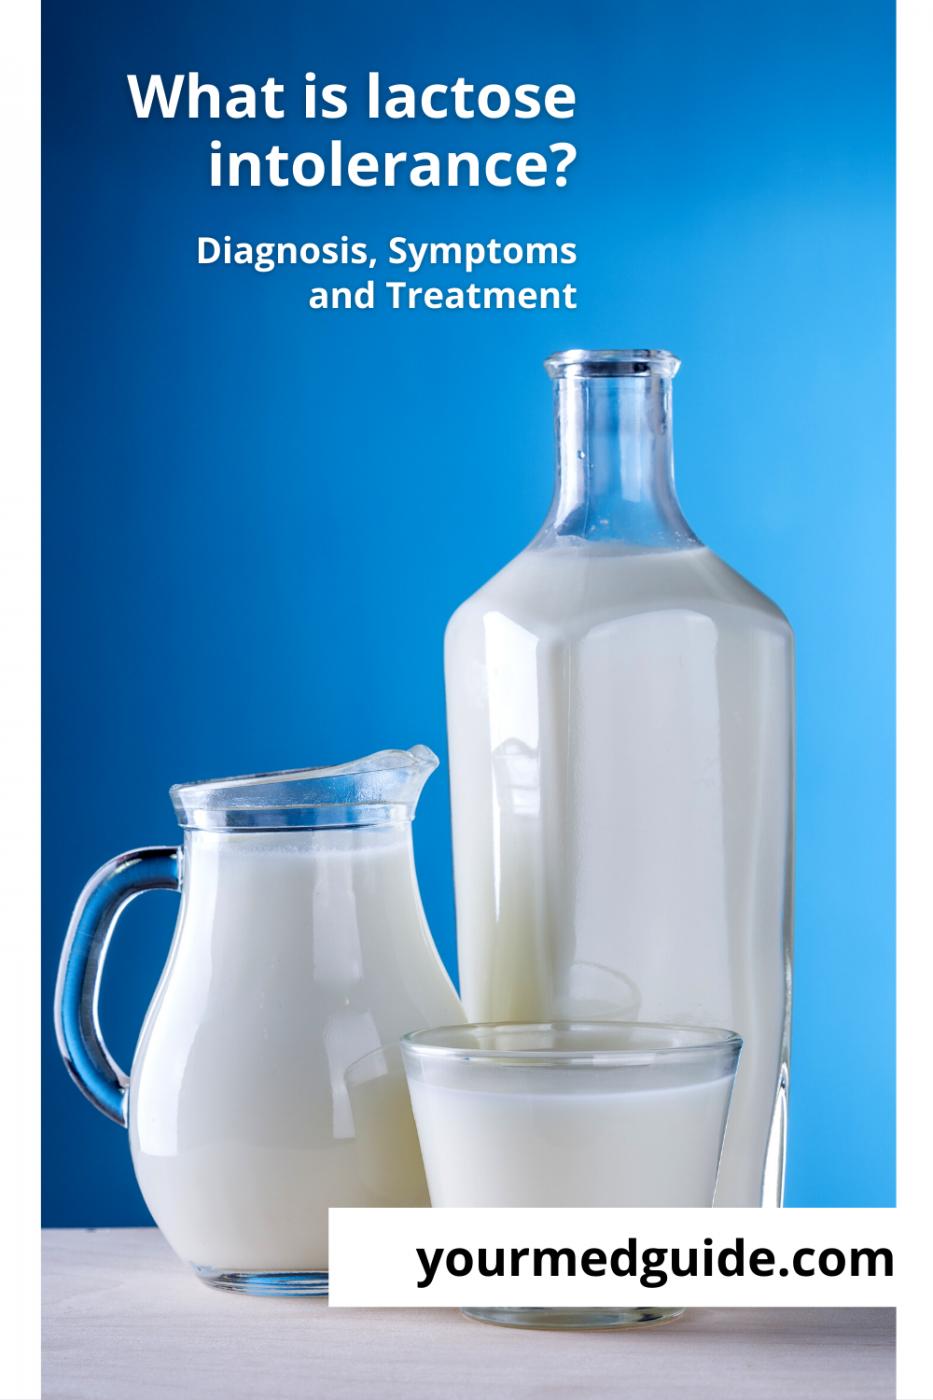 What is lactose intolerance diagnosis symptoms treatment